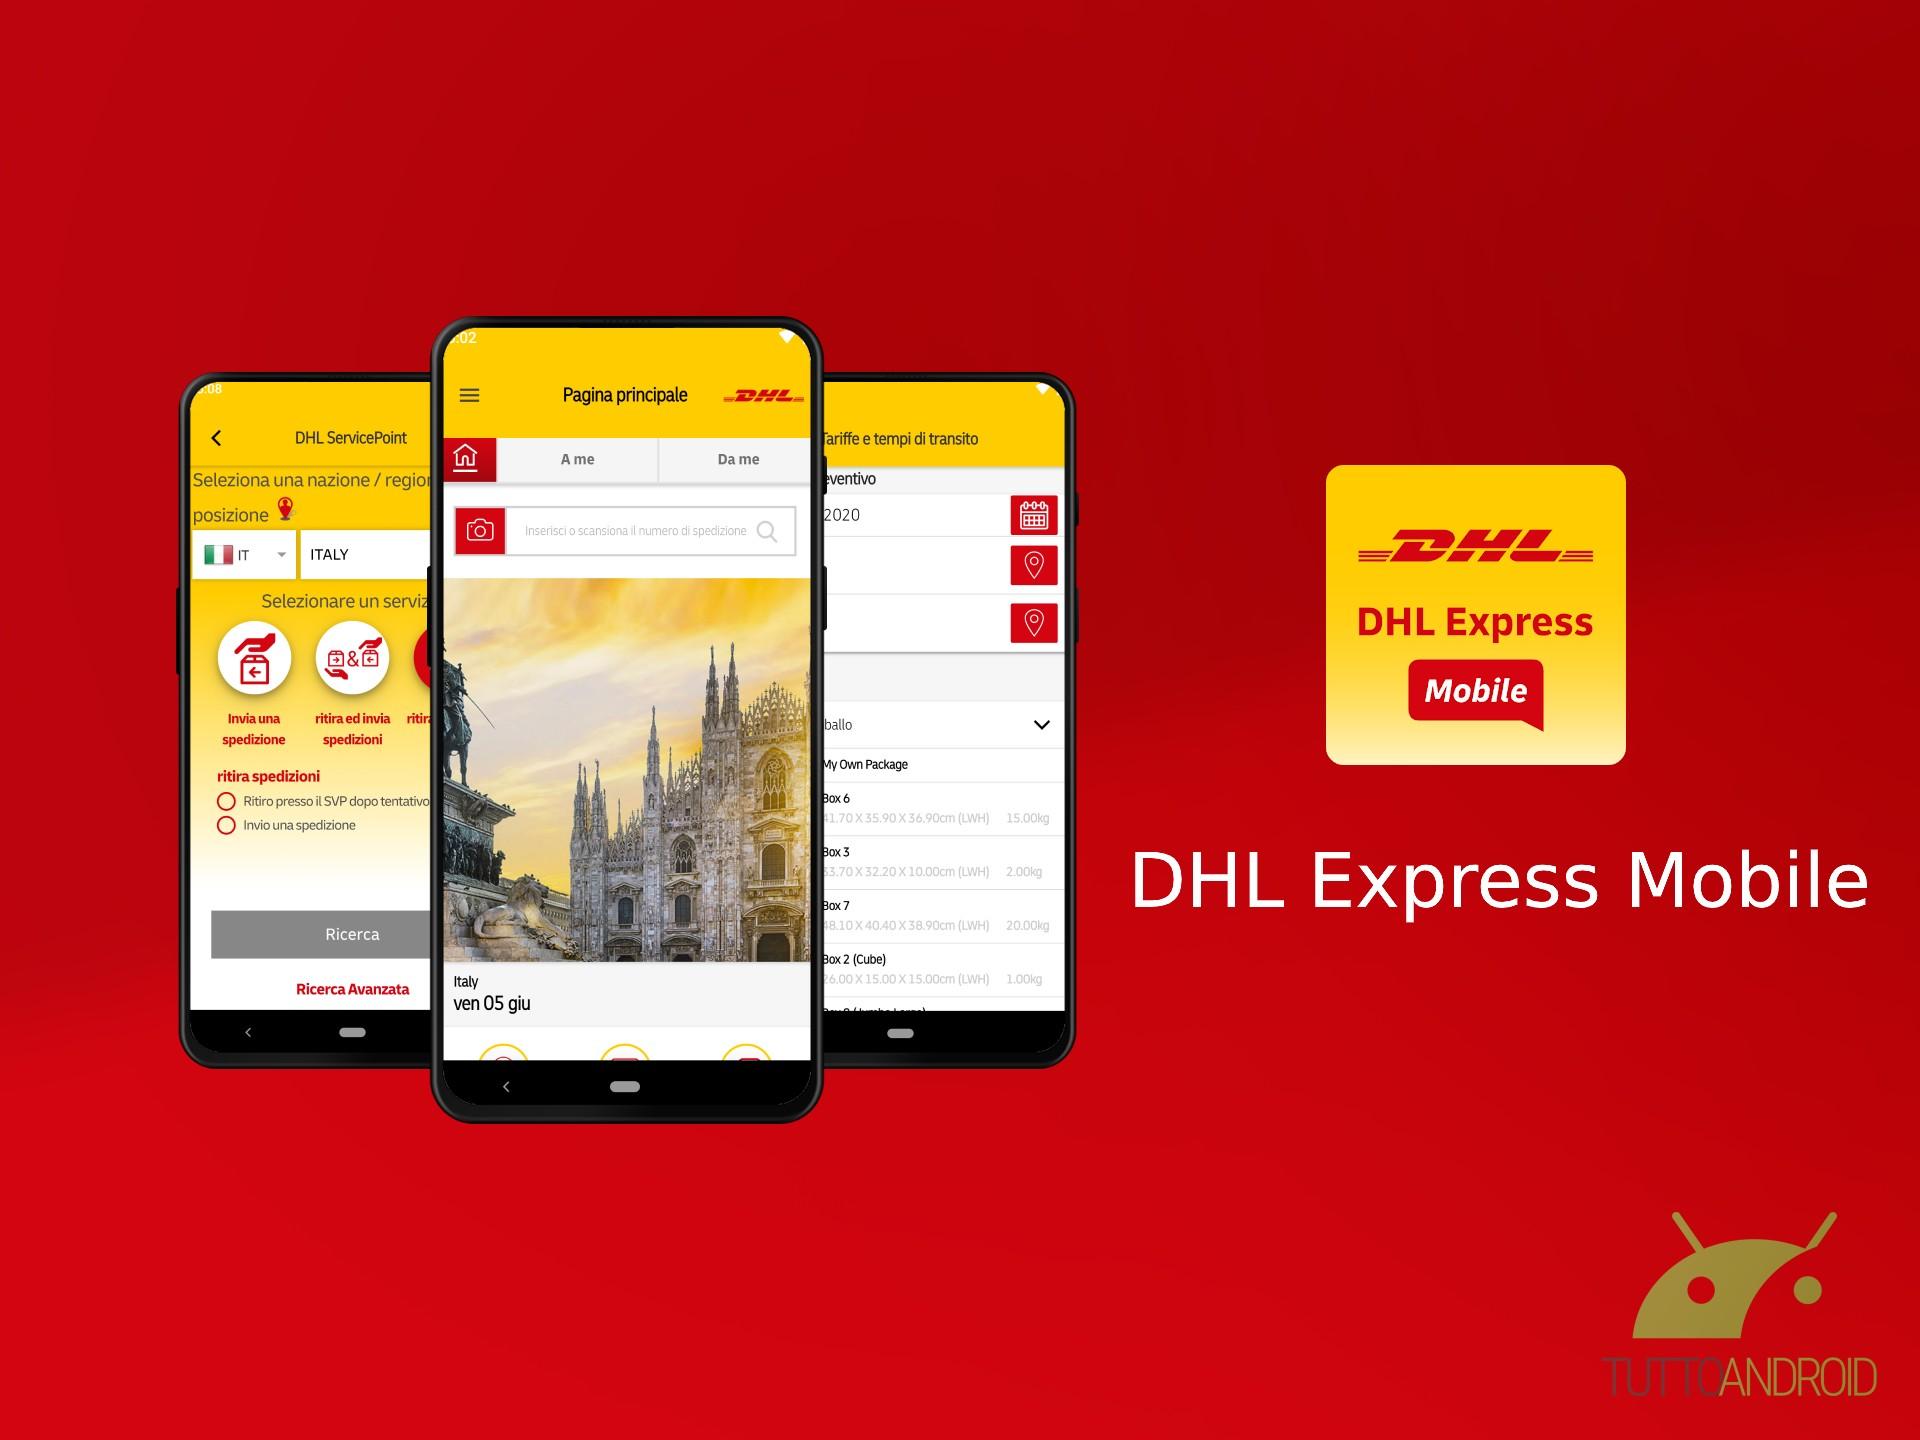 DHL Express Mobile permette di gestire comodamente tutte le